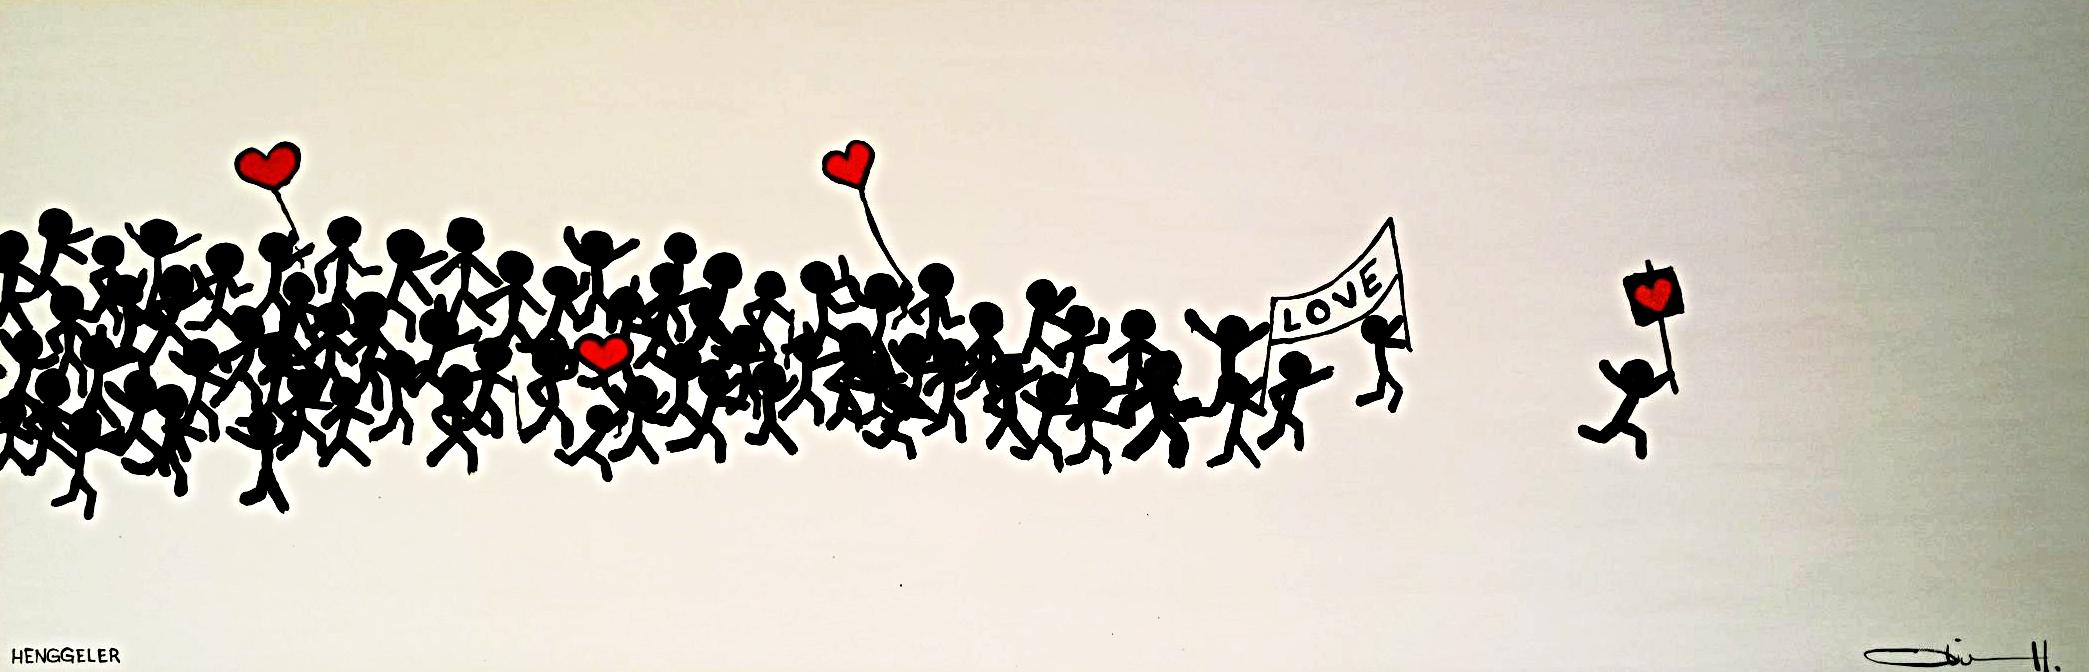 LOVE PARADE  acrylique sur toile, 120x40cm  VENDU